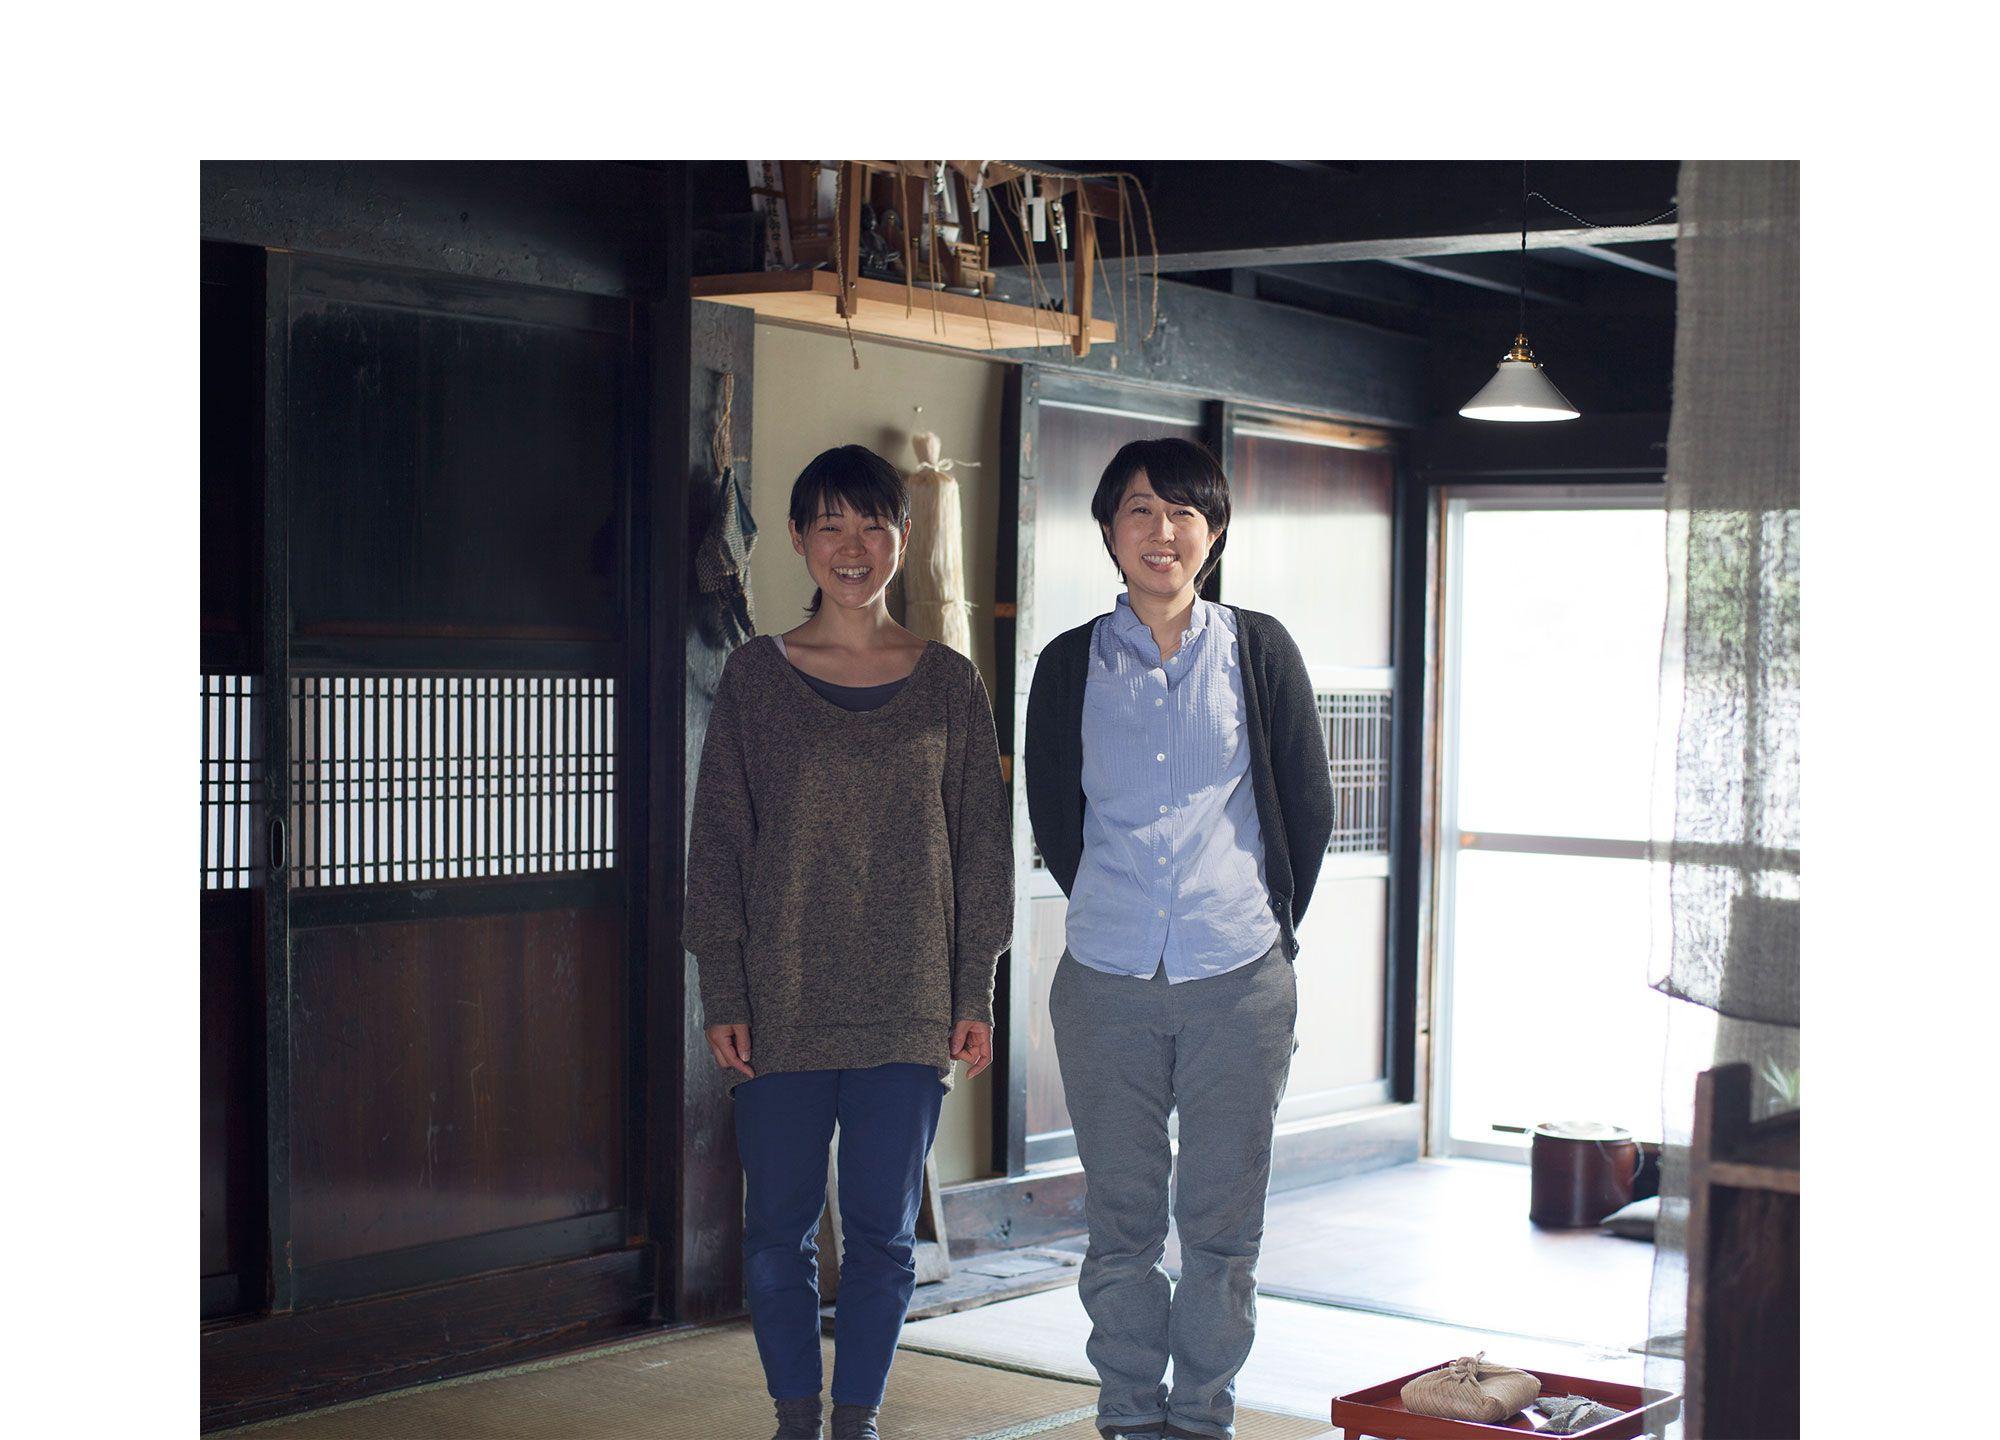 「渡し舟」のギャラリーである古民家。渡辺悦子(左)と舟木由貴子(右)。Photography by Jun Nakagawa